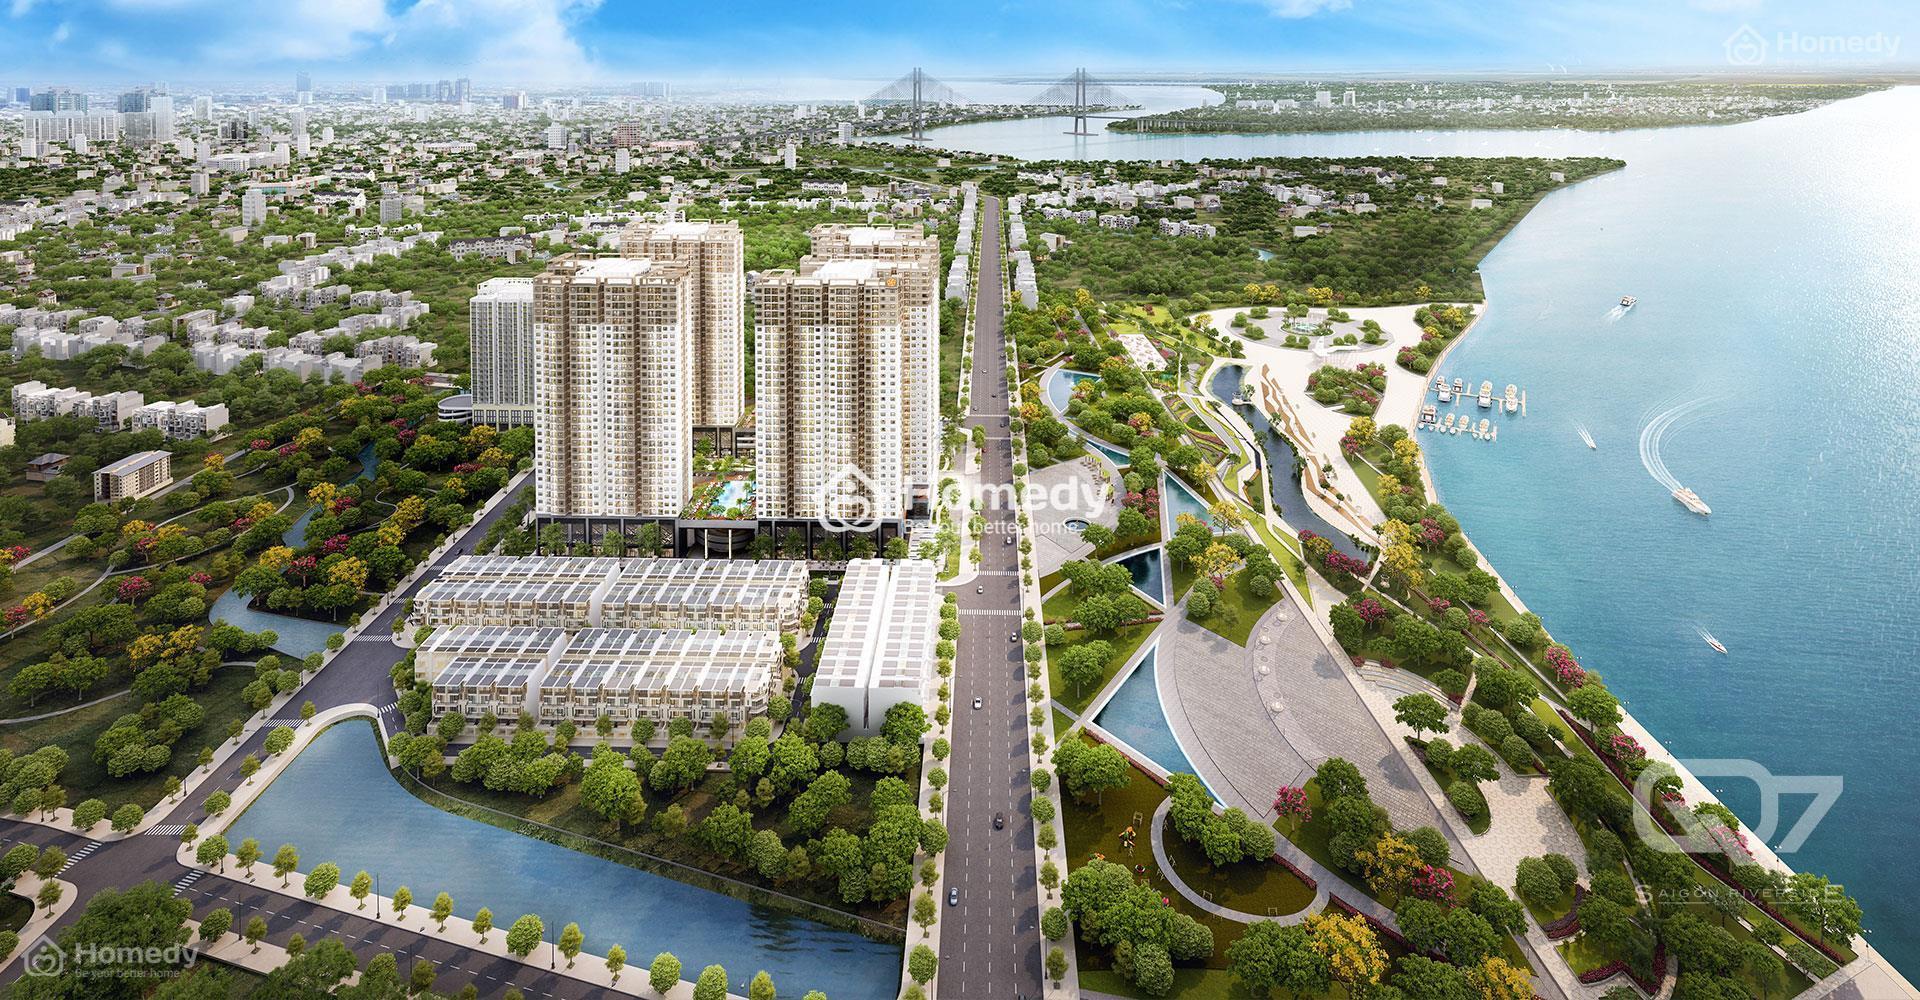 Du-an-q7-sai-gon-riverside-city